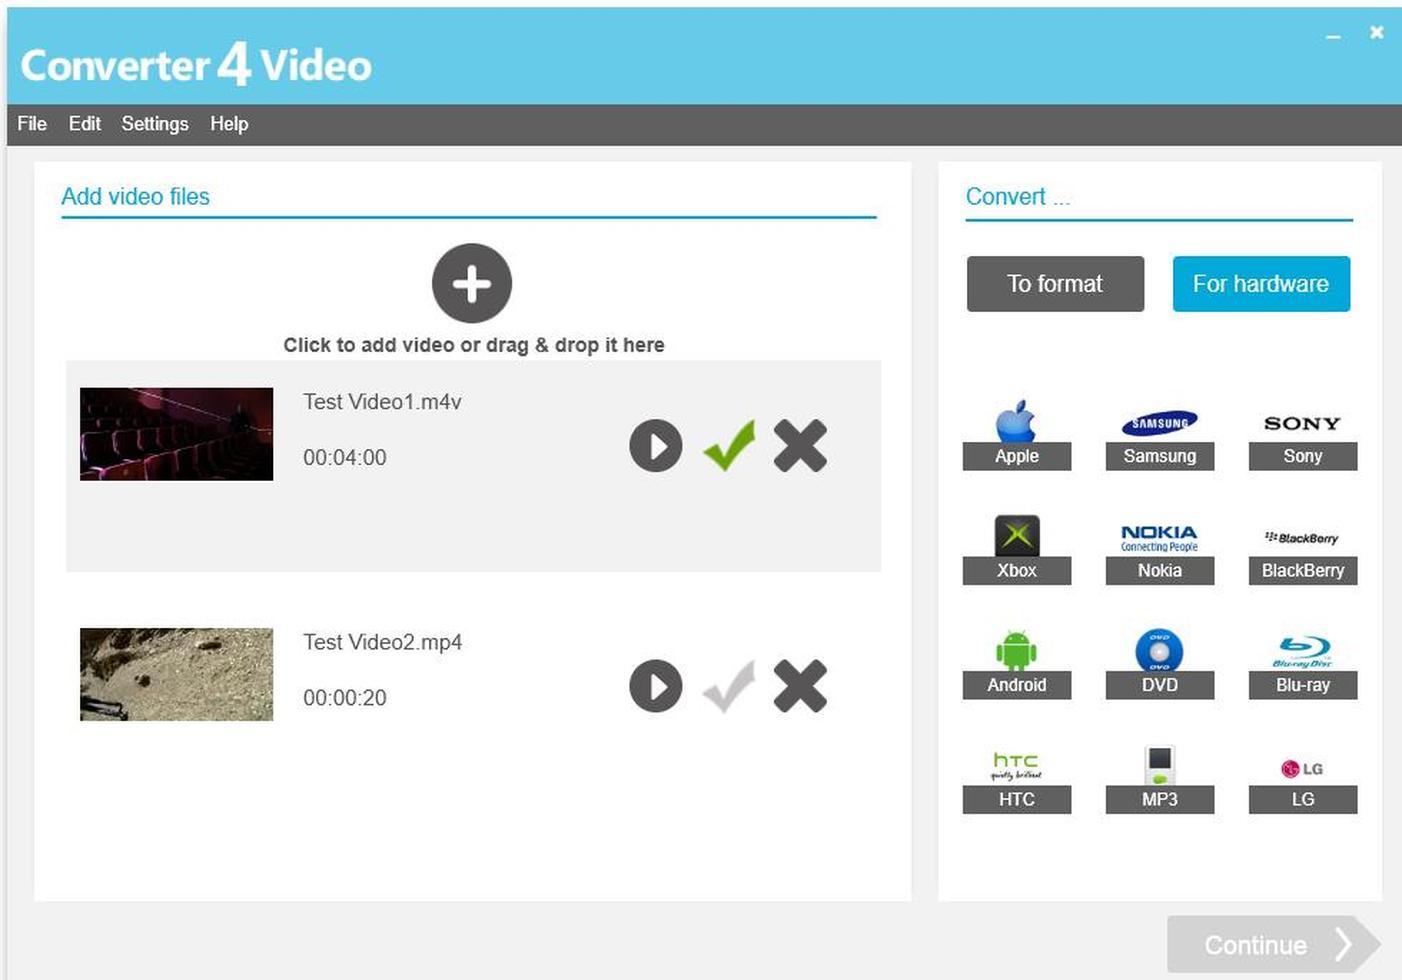 Žádné nastavování: Pro co nejrychlejší a nejjednodušší konverzi zahrnuje Converter4Video nabídku přednastavených profilů. Stačí tedy přetáhnout video soubory do levé části hlavní okna, v pravé části vybrat patřičné zařízení a nechat program zařídit zbytek.